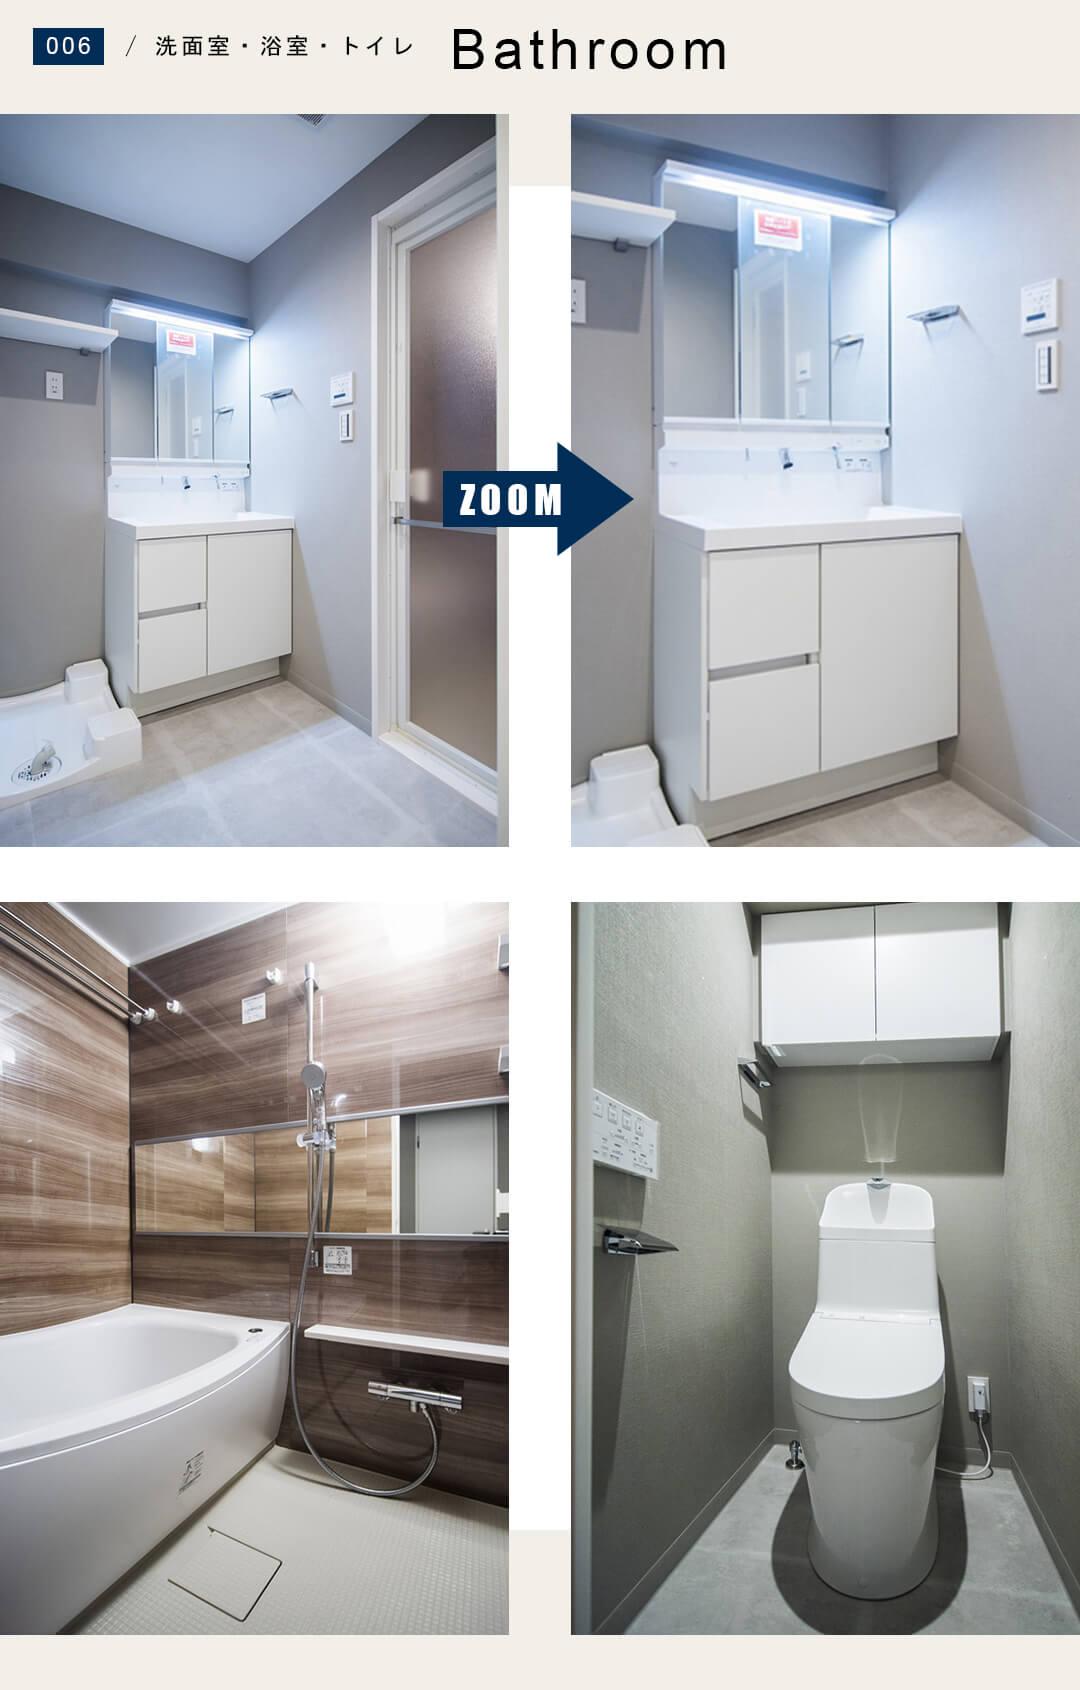 ライオンズマンション世田谷上町の洗面室と浴室とトイレ